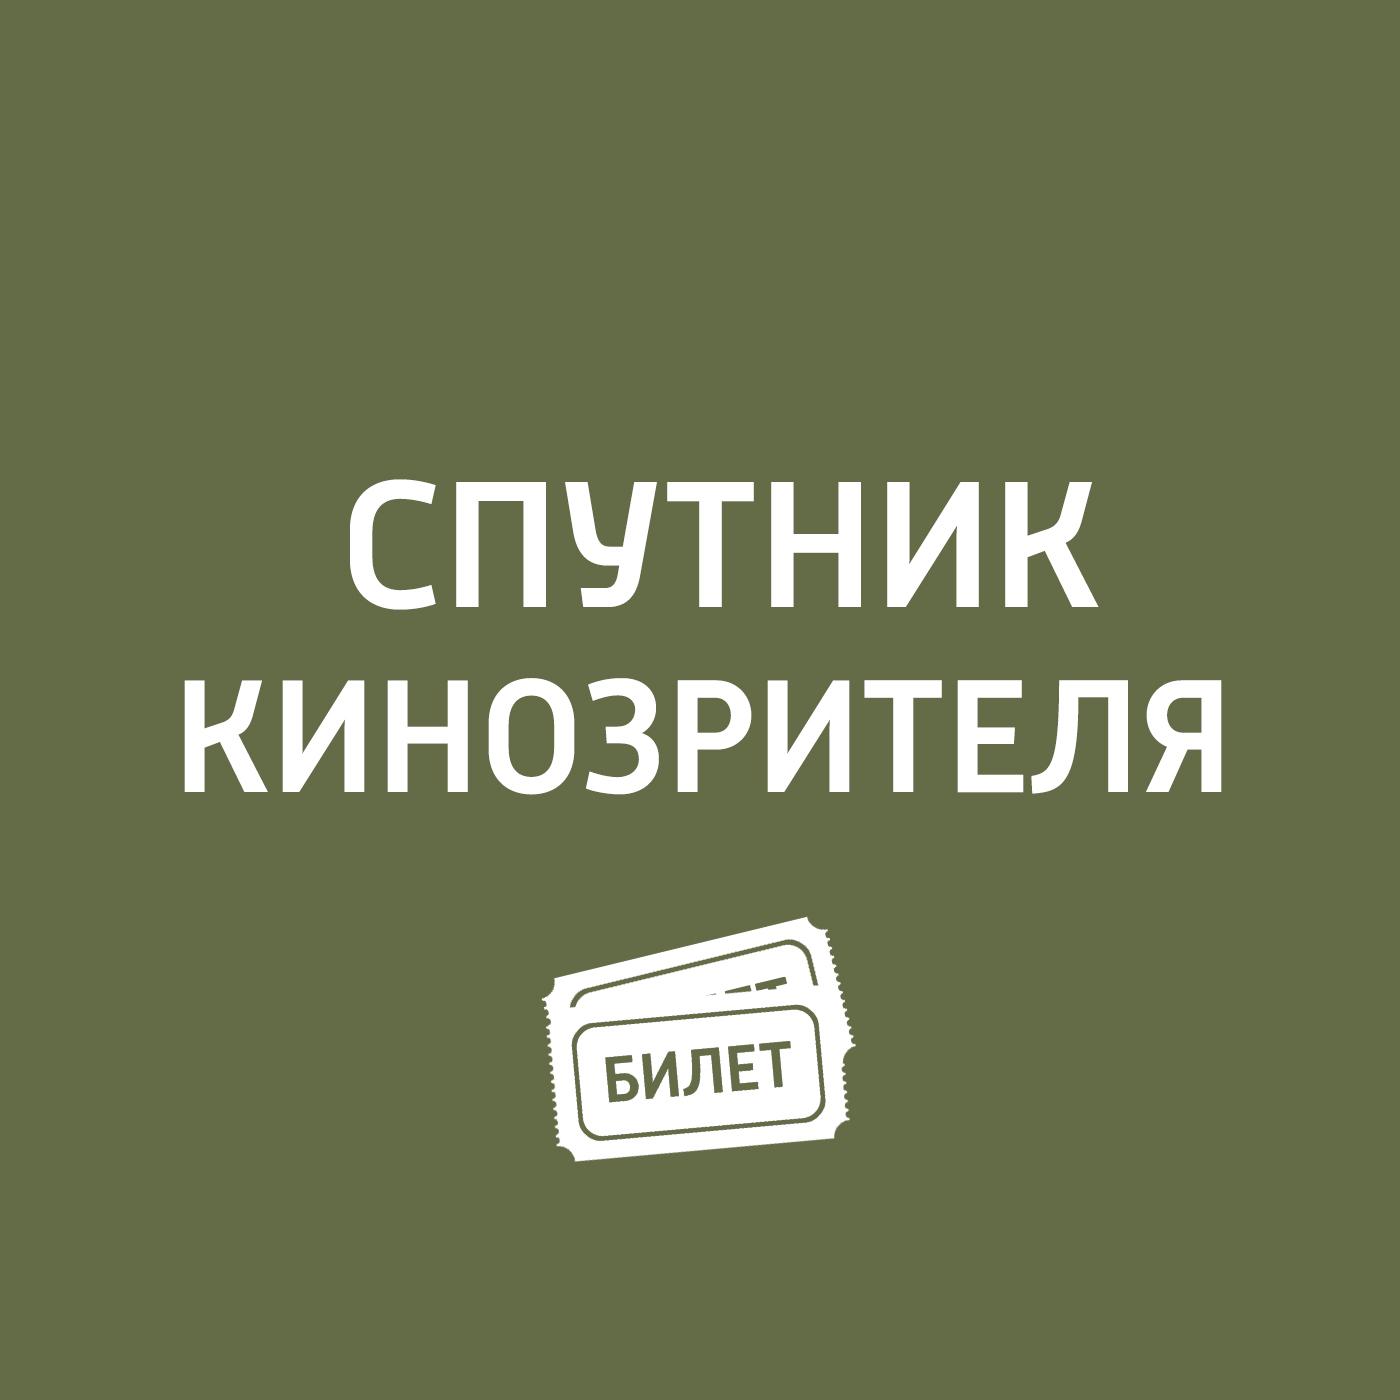 Антон Долин Большой фестиваль мультфильмов